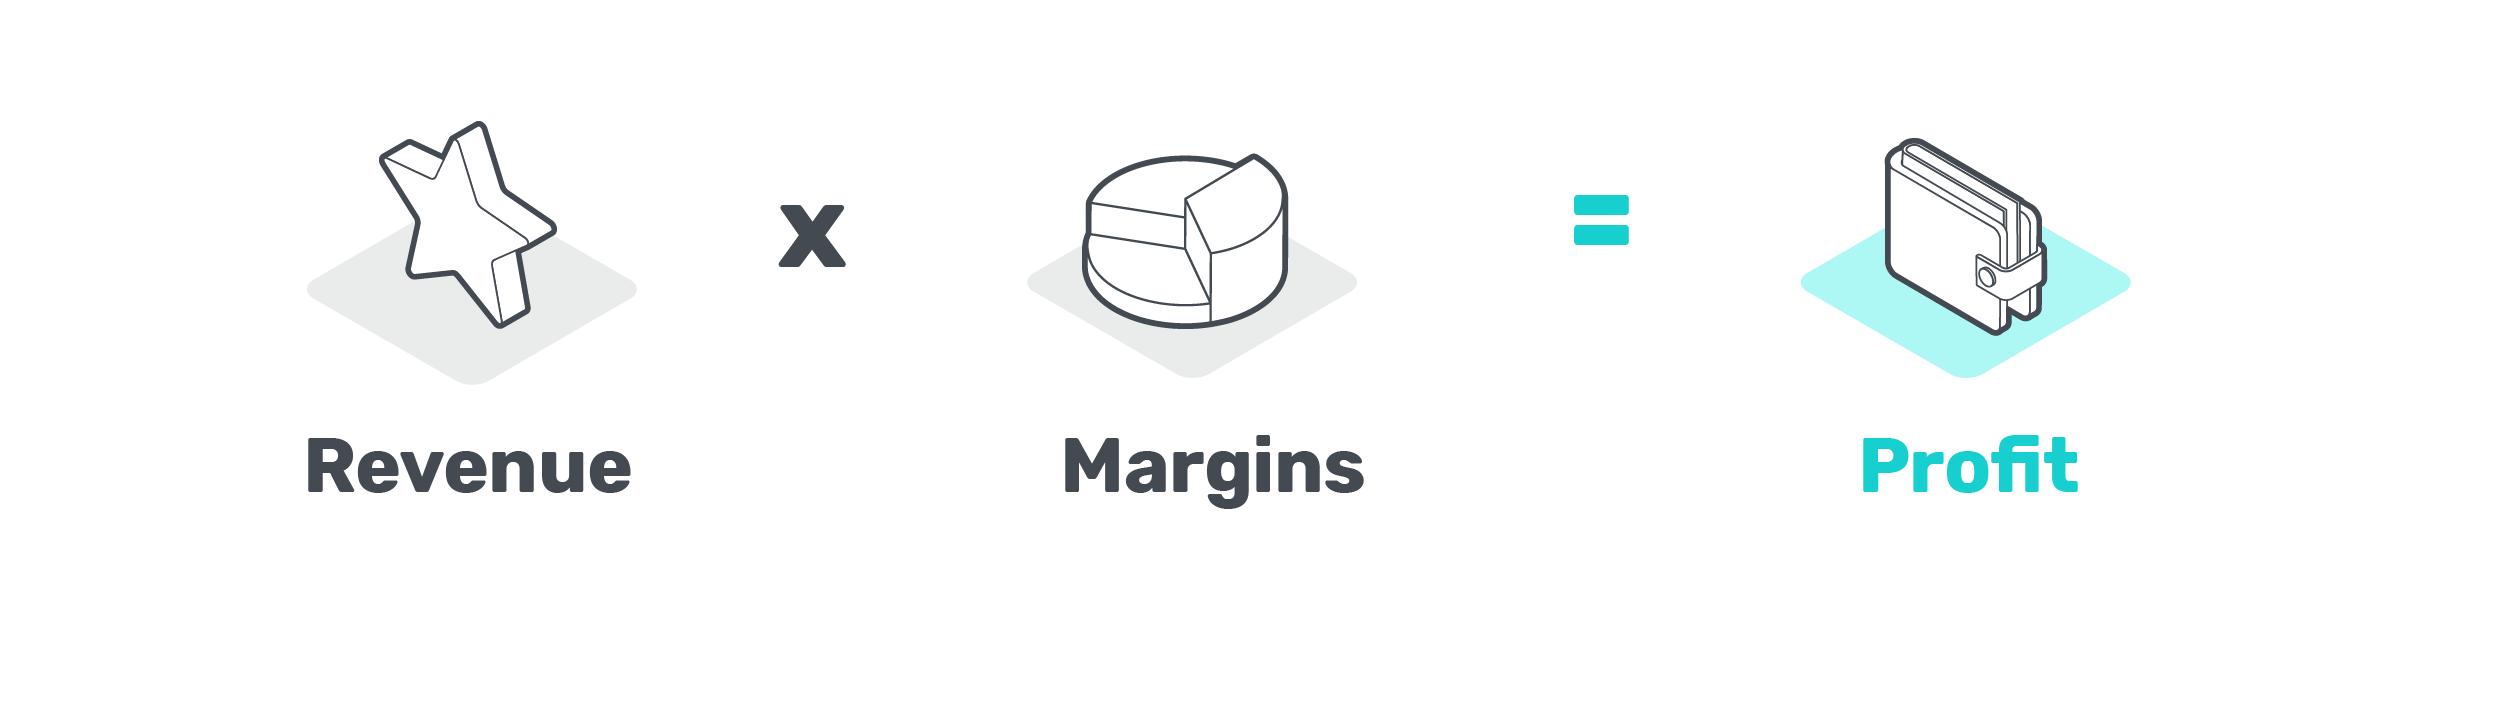 Revenue x Margins = Profit